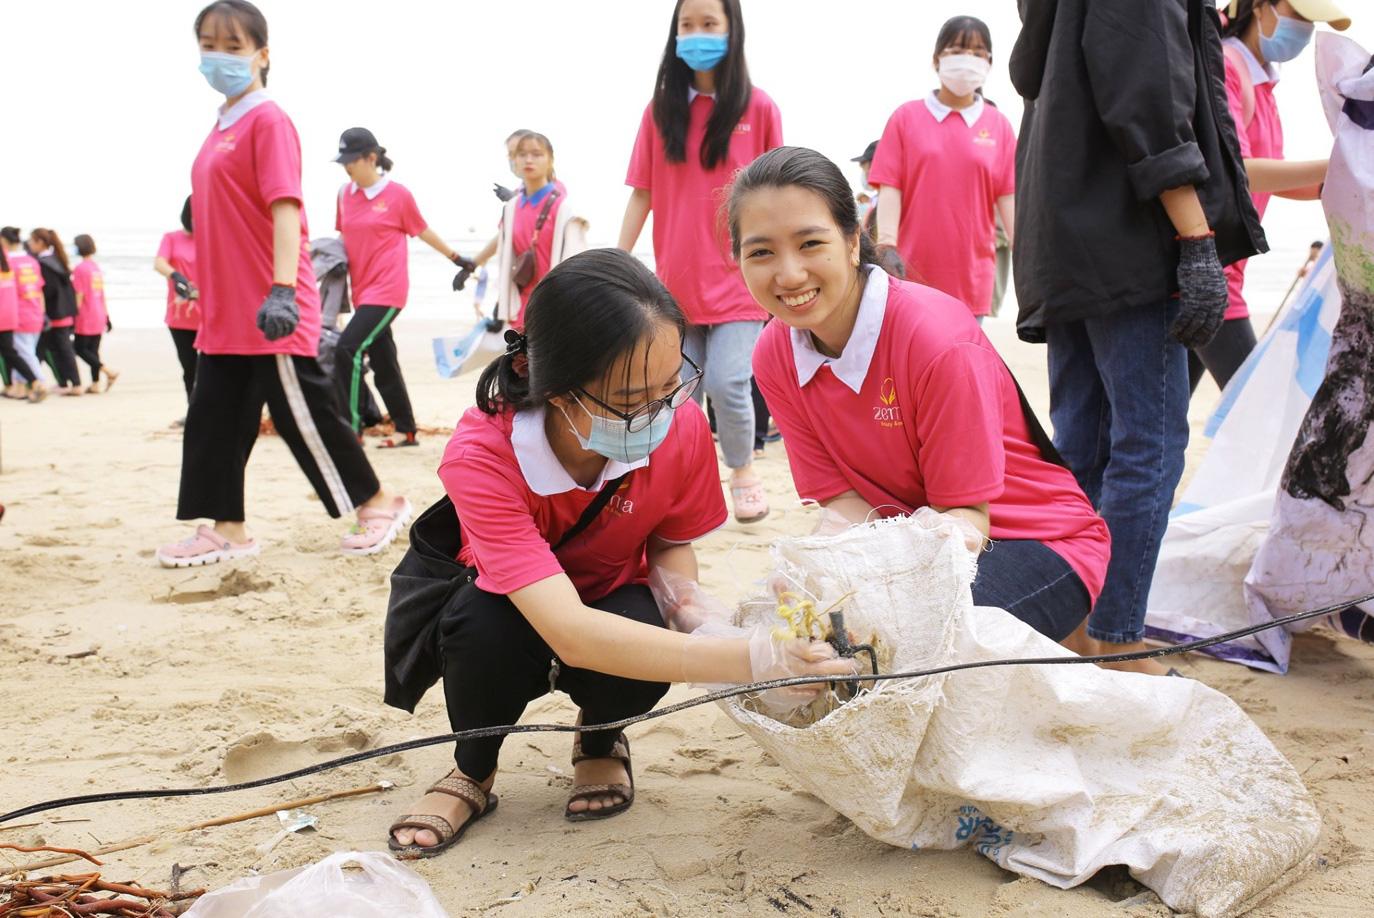 """Viết điều tử tế trong bão giông - câu chuyện """"lạ thường"""" của 1000 người trên đất Đà Nẵng - Ảnh 4."""